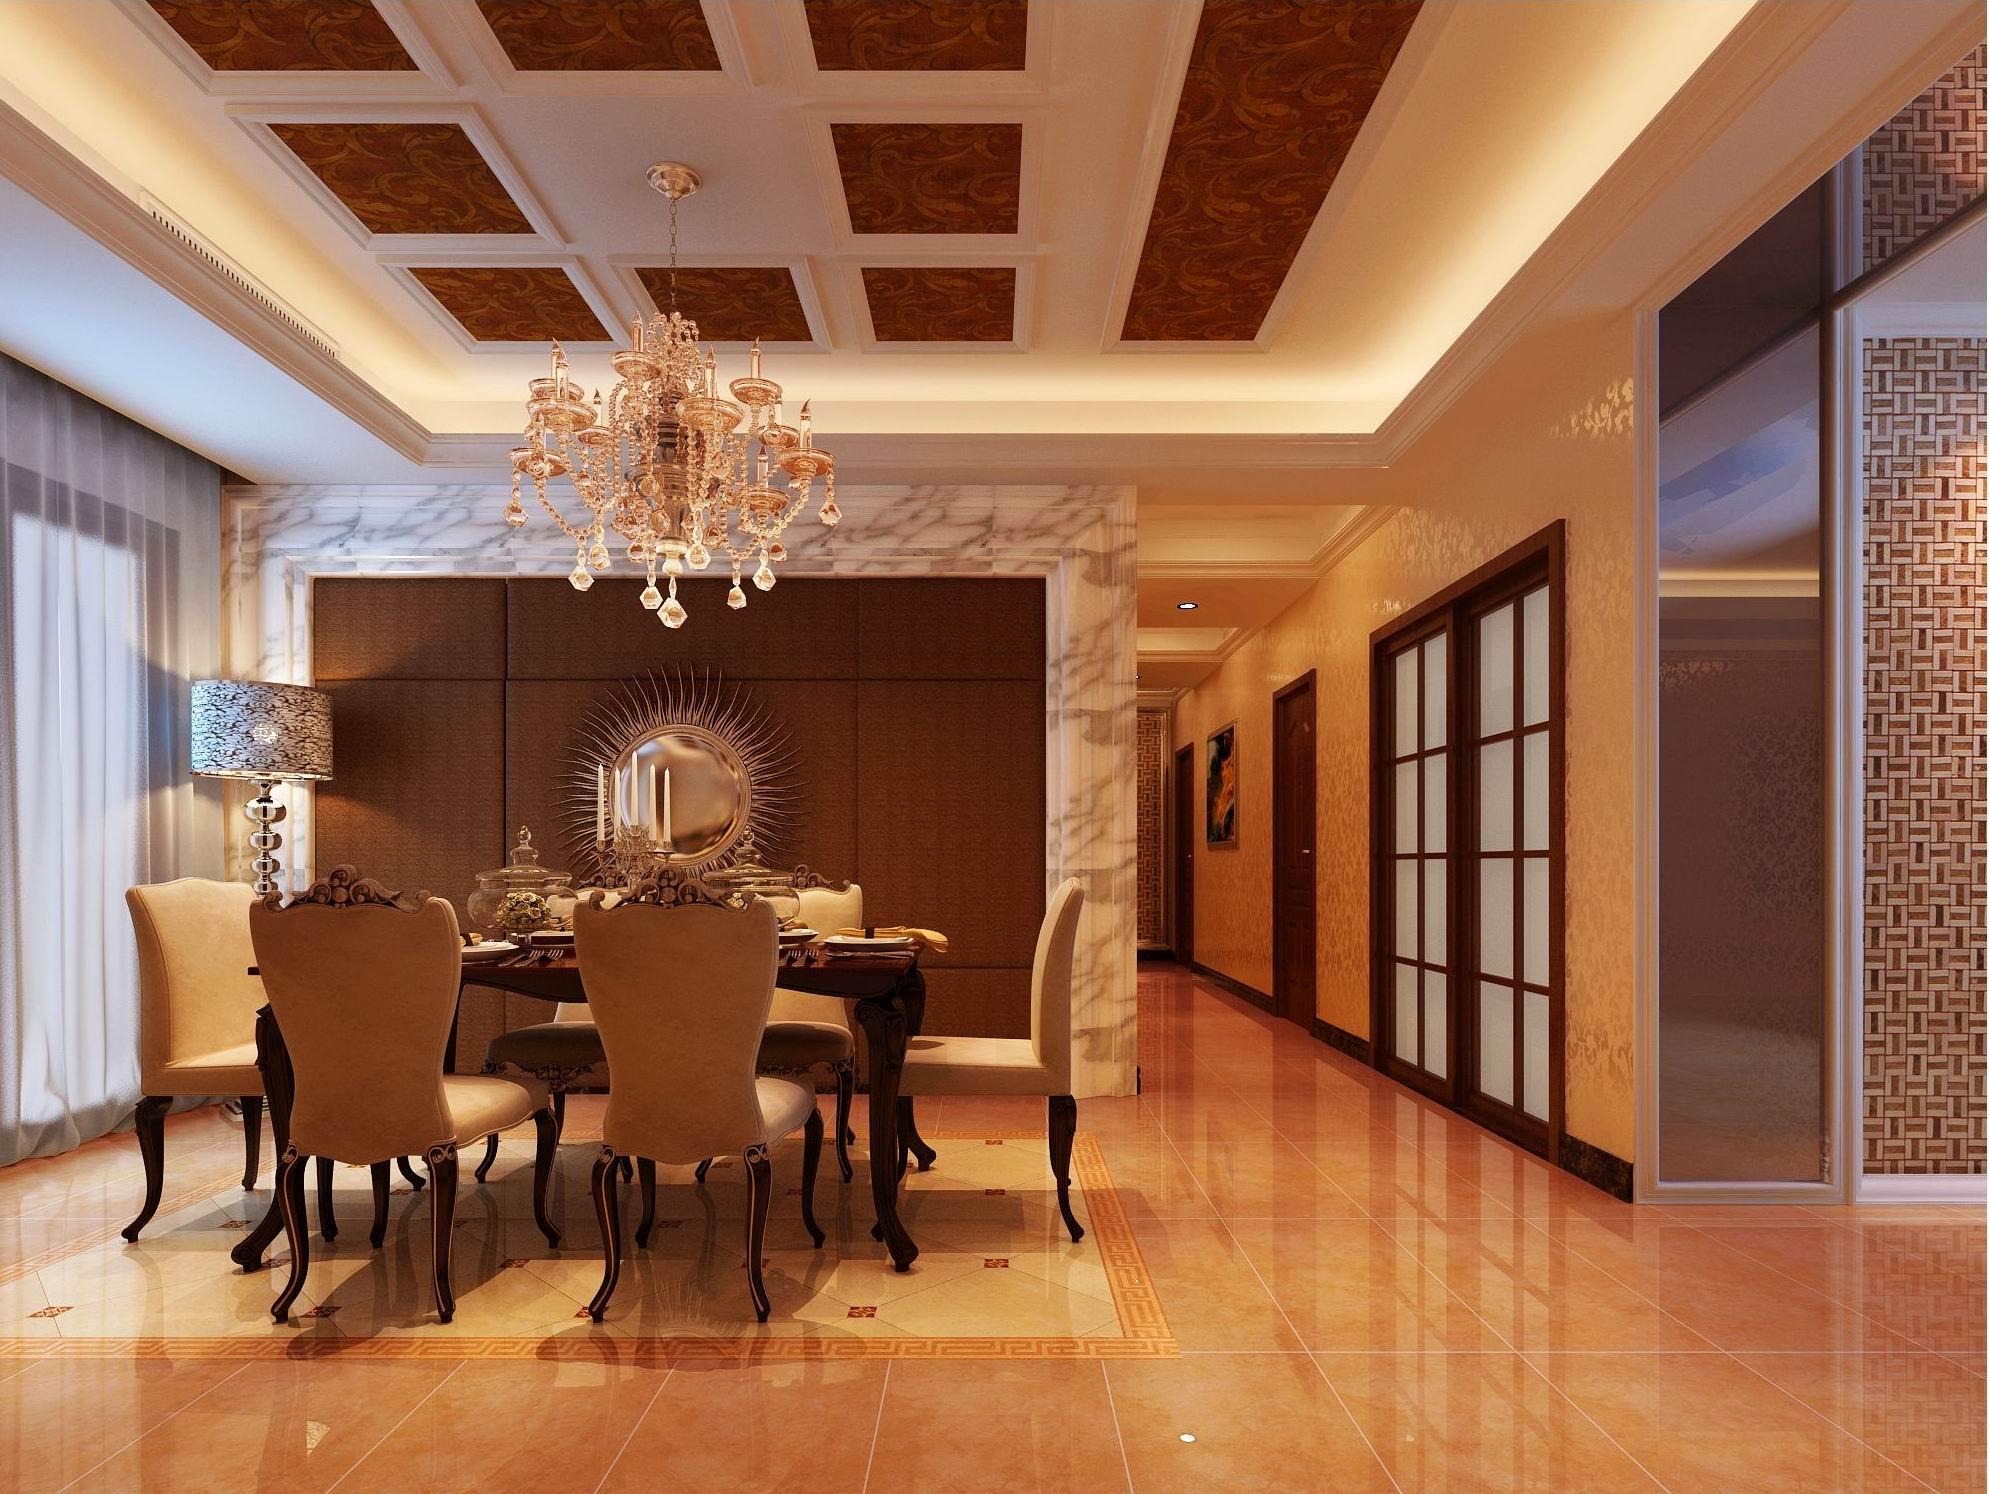 简约 欧式 三居 别墅 白领 收纳 80后 小资 餐厅图片来自西安龙发装饰在欧式风格铸就不一样的幸福之家的分享